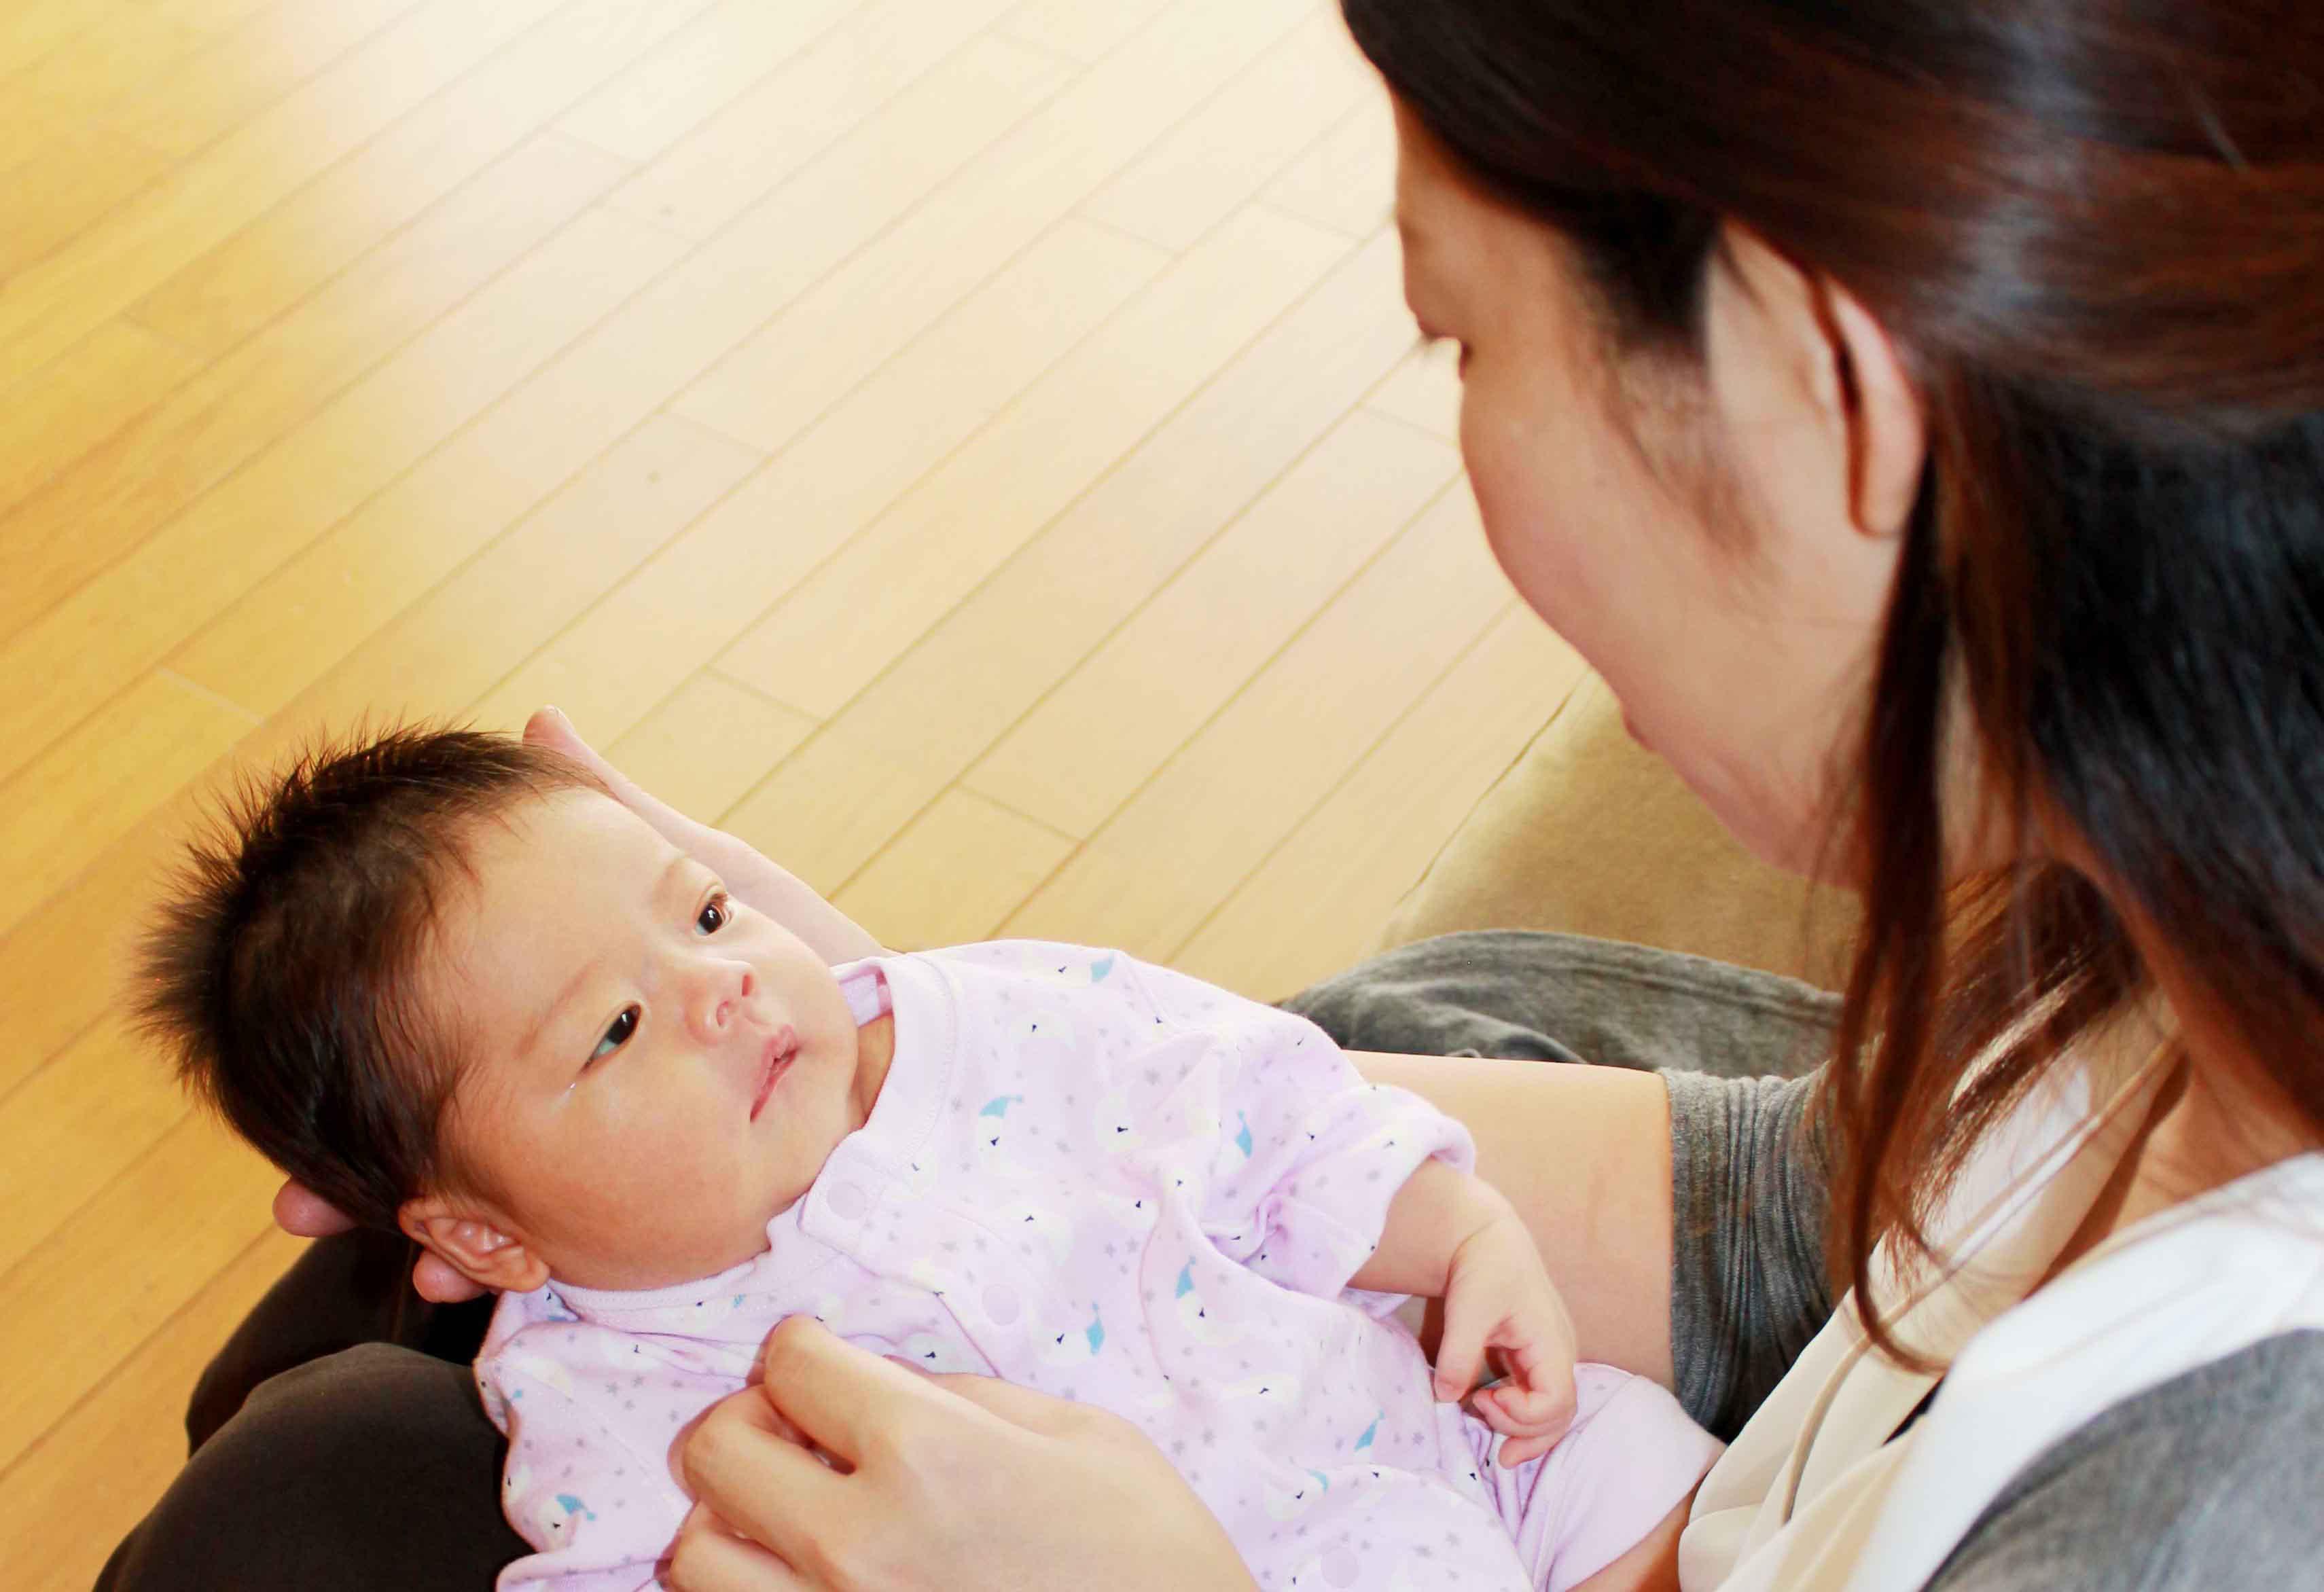 ba2cc03598c5d 3人のお子さんを持つ香ママも、育児についてはまだまだ疑問があるようです。香ママのお悩みに、クックパッドベビーおなじみの助産師 REIKOさんが答えてくれました。